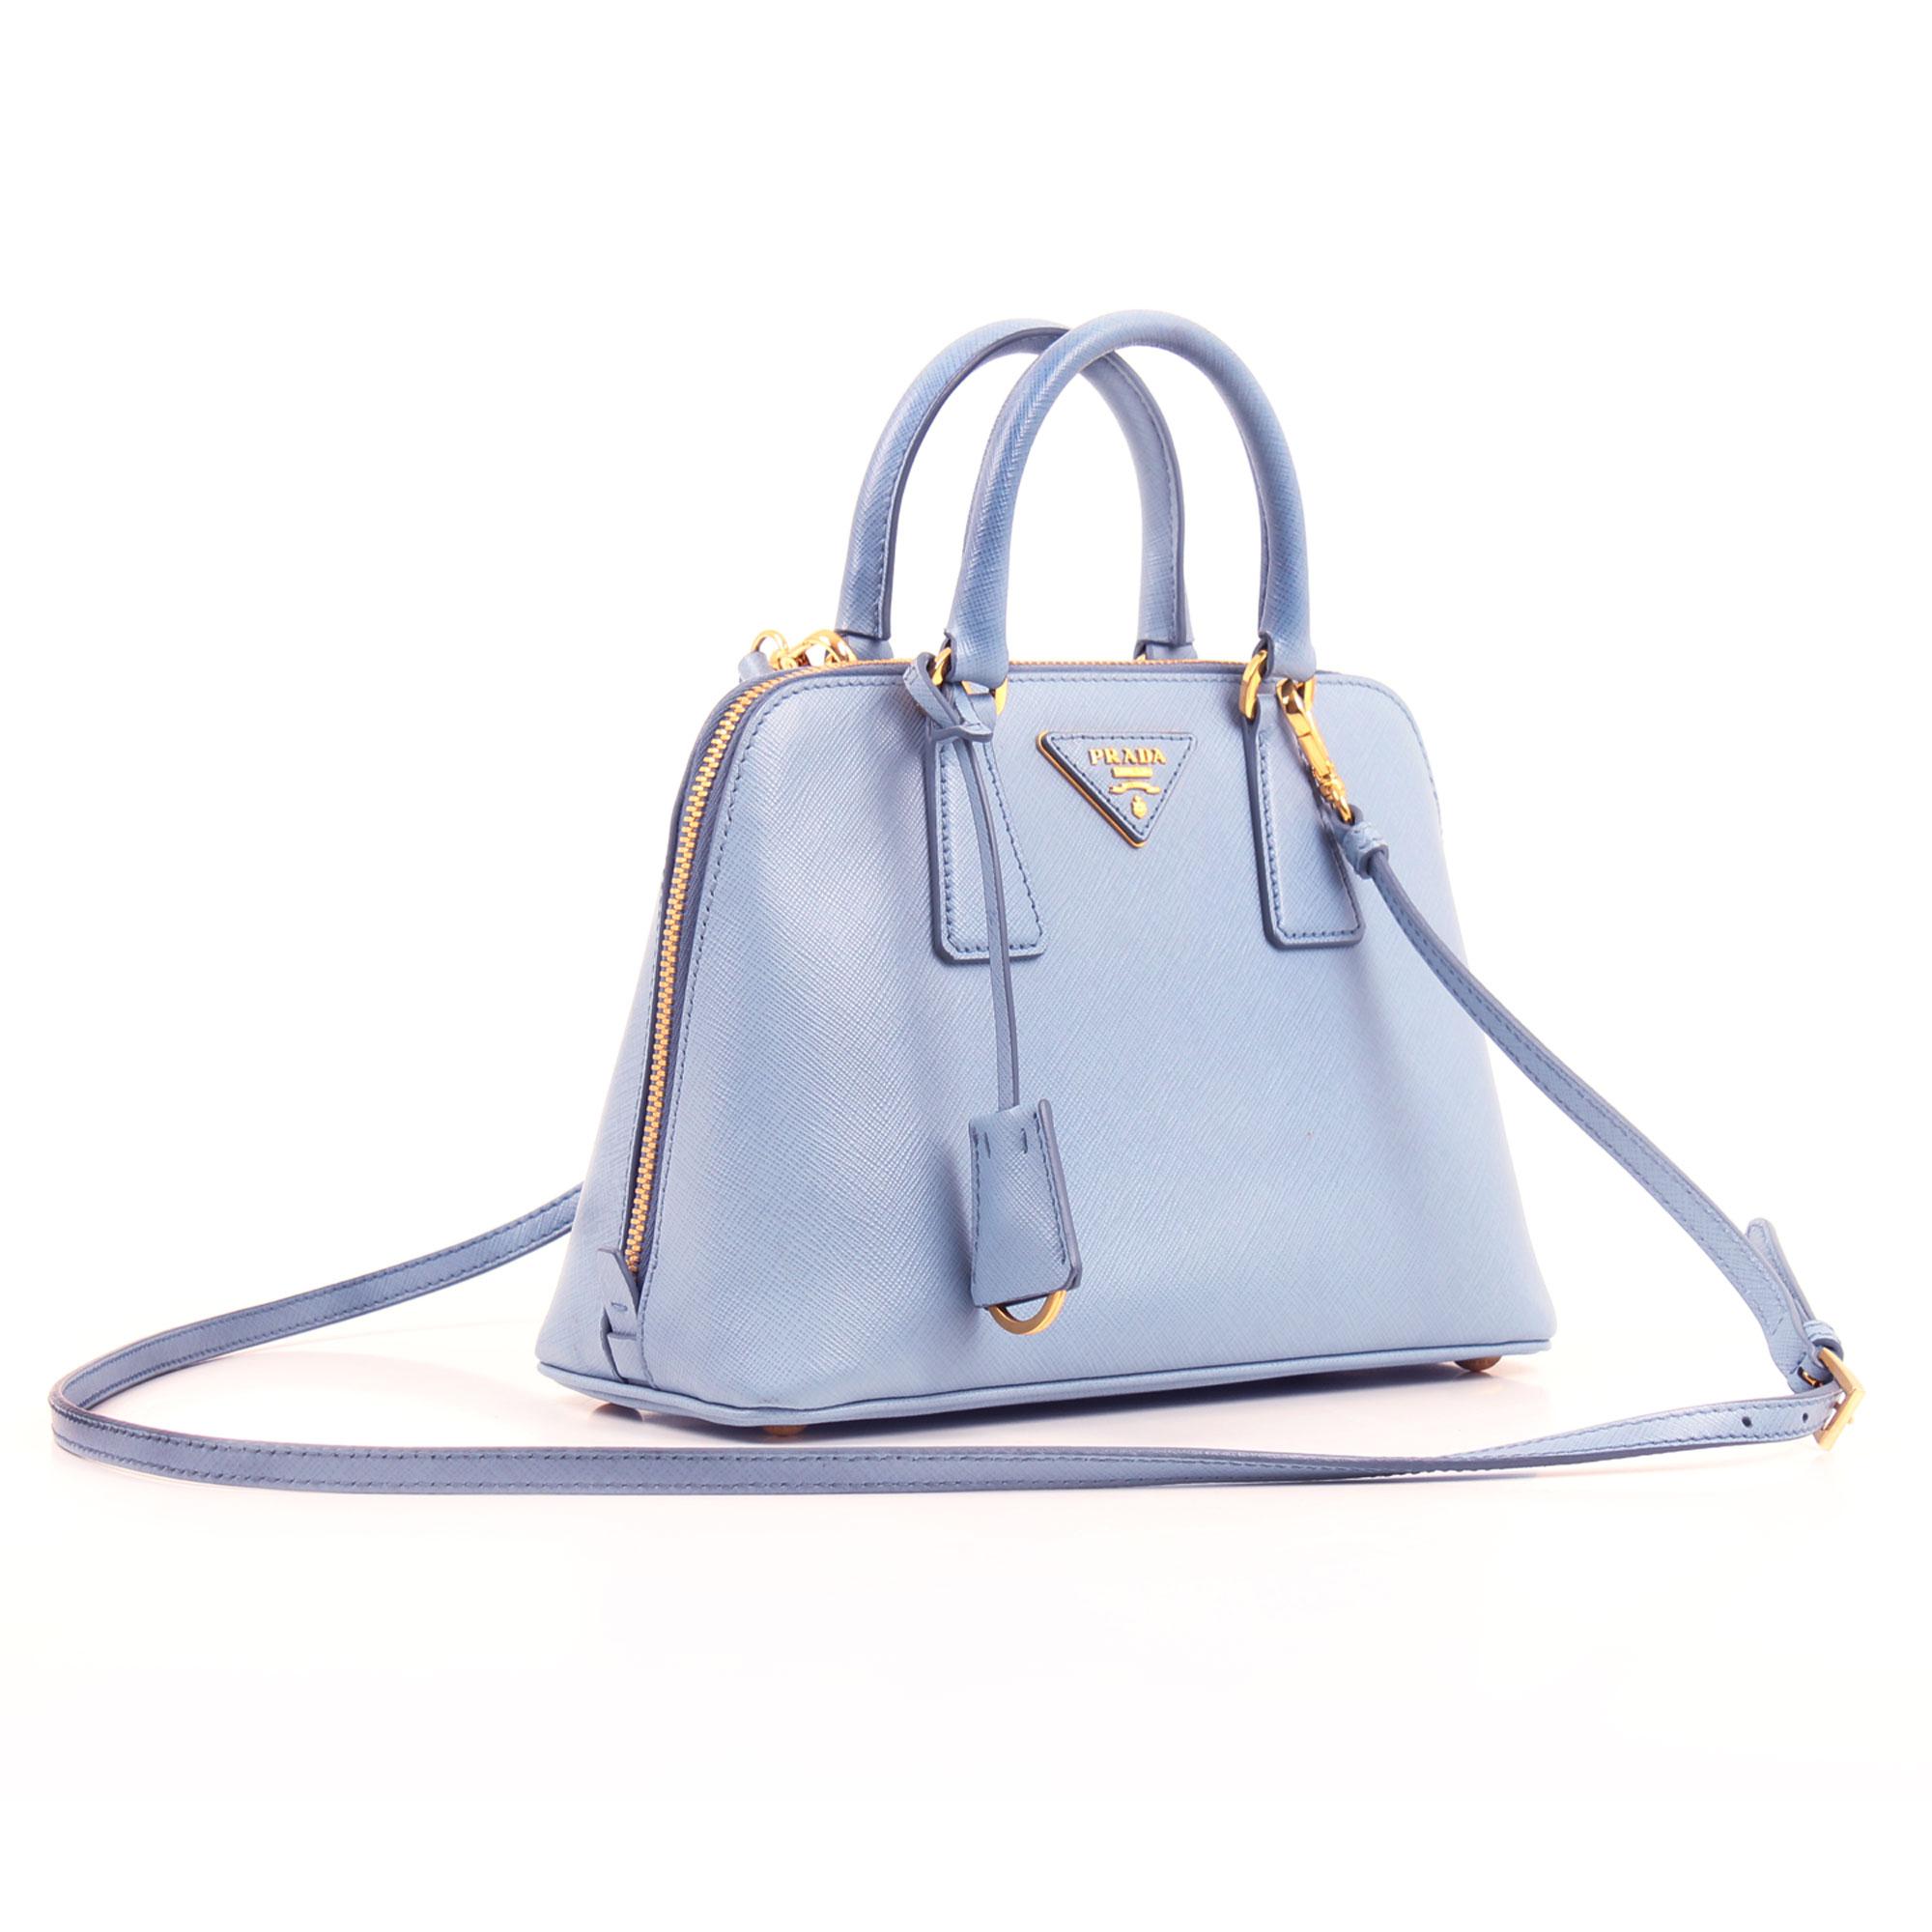 096de1da18fd01 Prada Saffiano Promenade Lavender Blue Crossbody Bag | CBL Bags